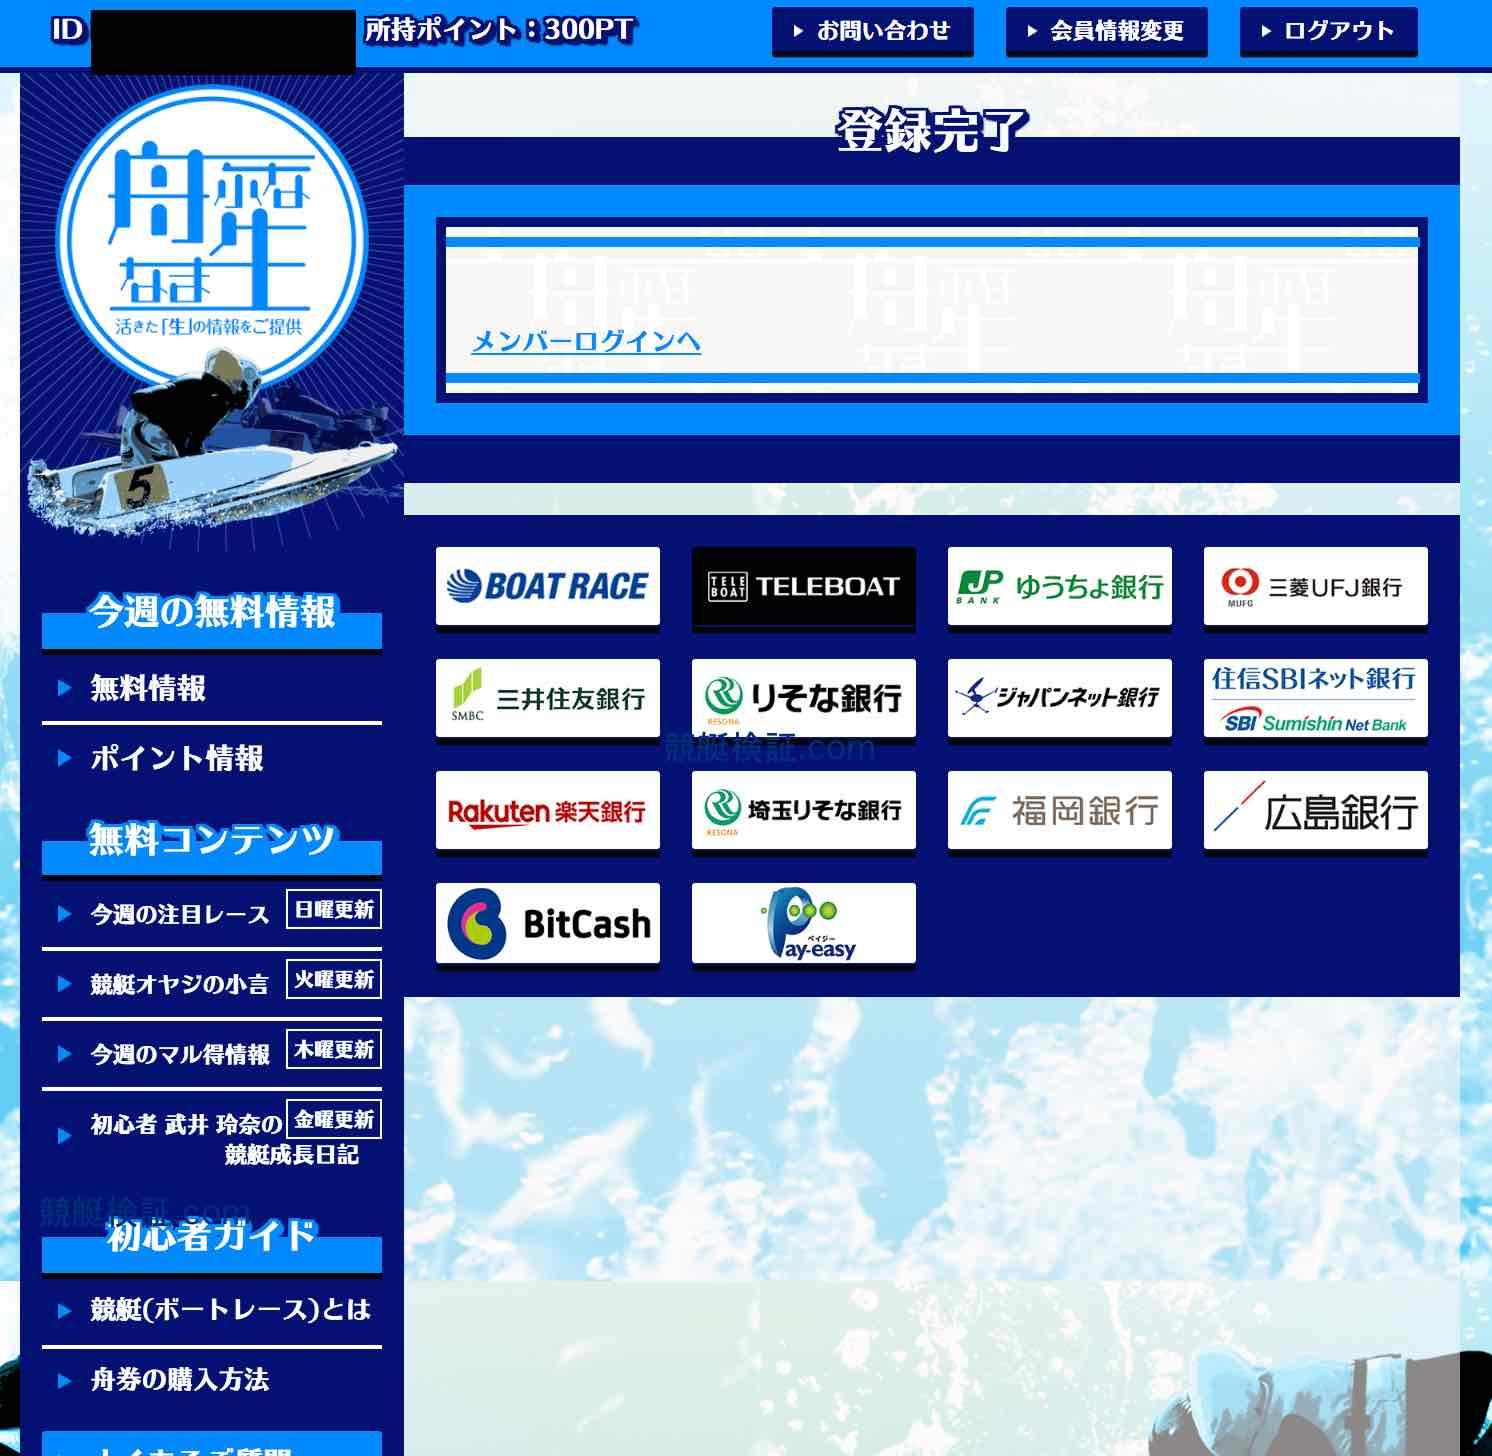 舟生という競艇予想サイトの会員ページ